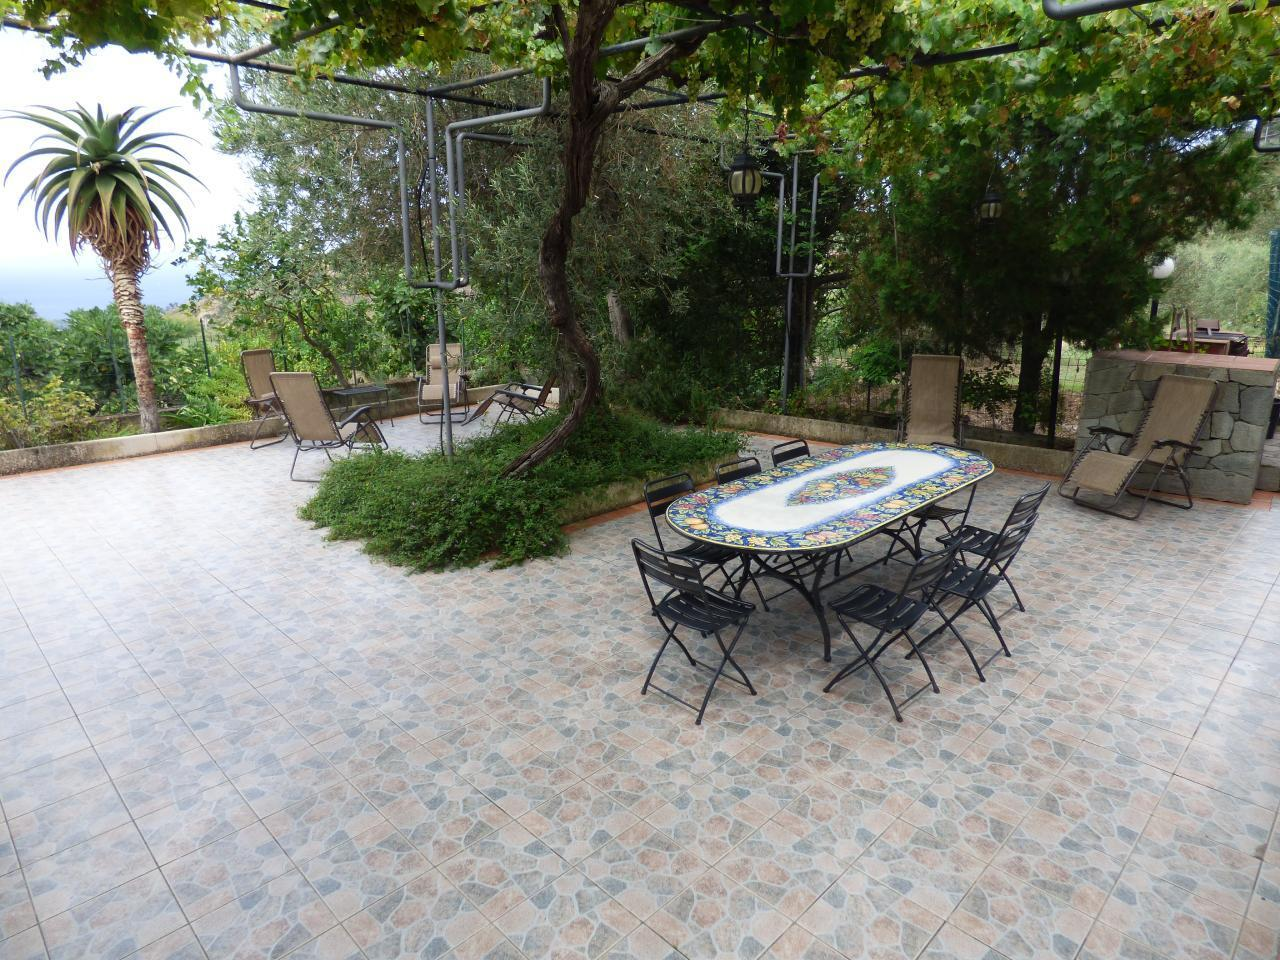 Ferienhaus Villa Maria ein schönes Landhaus in einer ruhigen und sonnige lage mit Blick auf den Eolie (482652), Patti, Messina, Sizilien, Italien, Bild 6